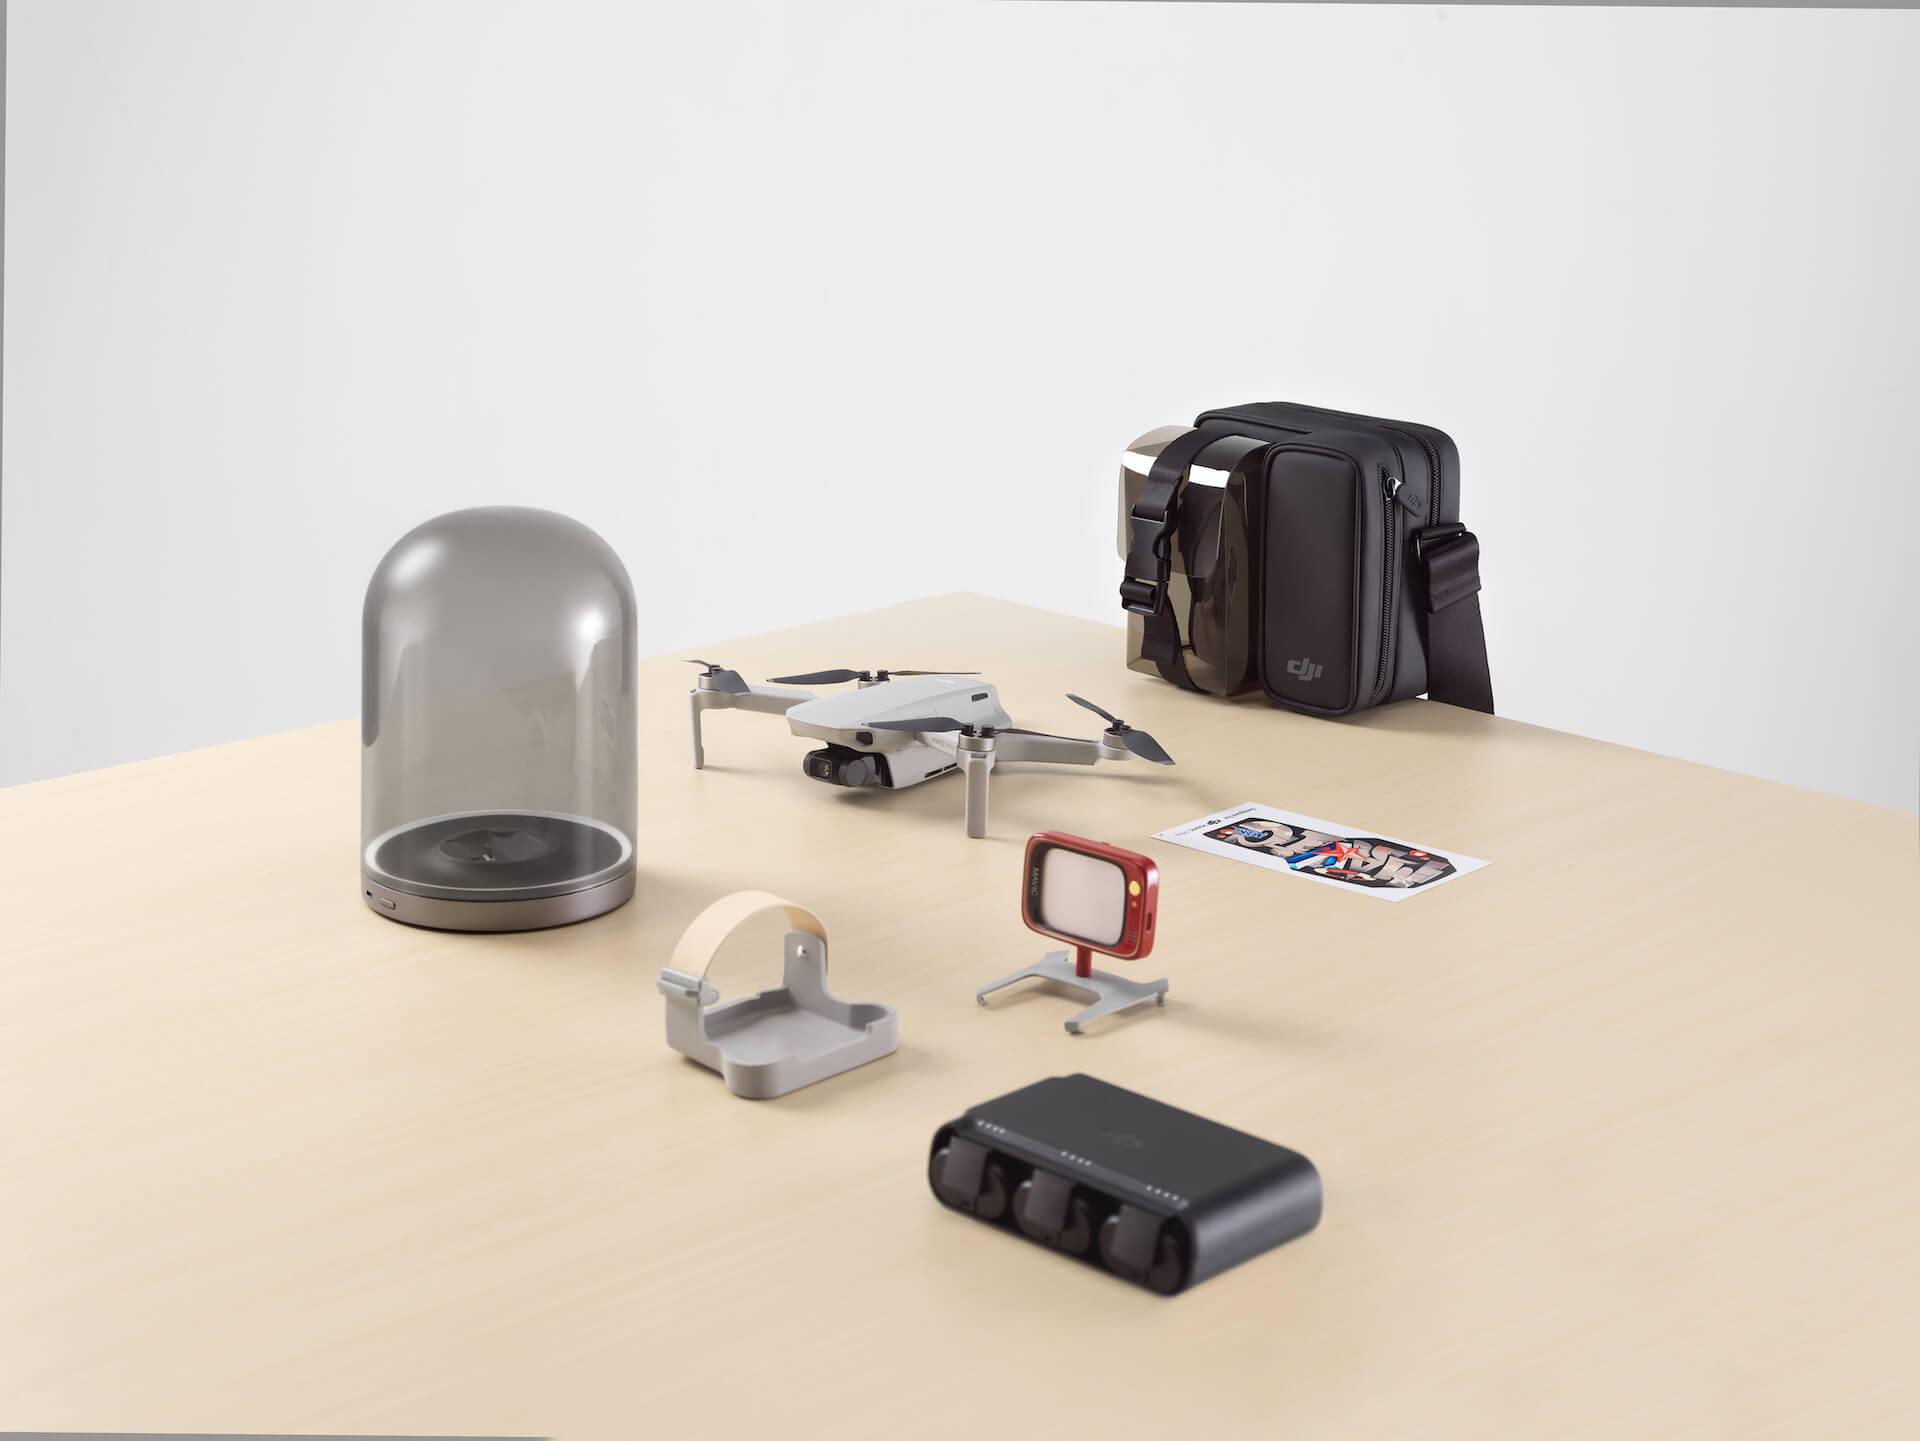 わずか199gと驚異のコンパクトさを誇る空飛ぶカメラ「DJI Mavic Mini」が登場!本日より予約受付開始 tech191031_mavicmini_3